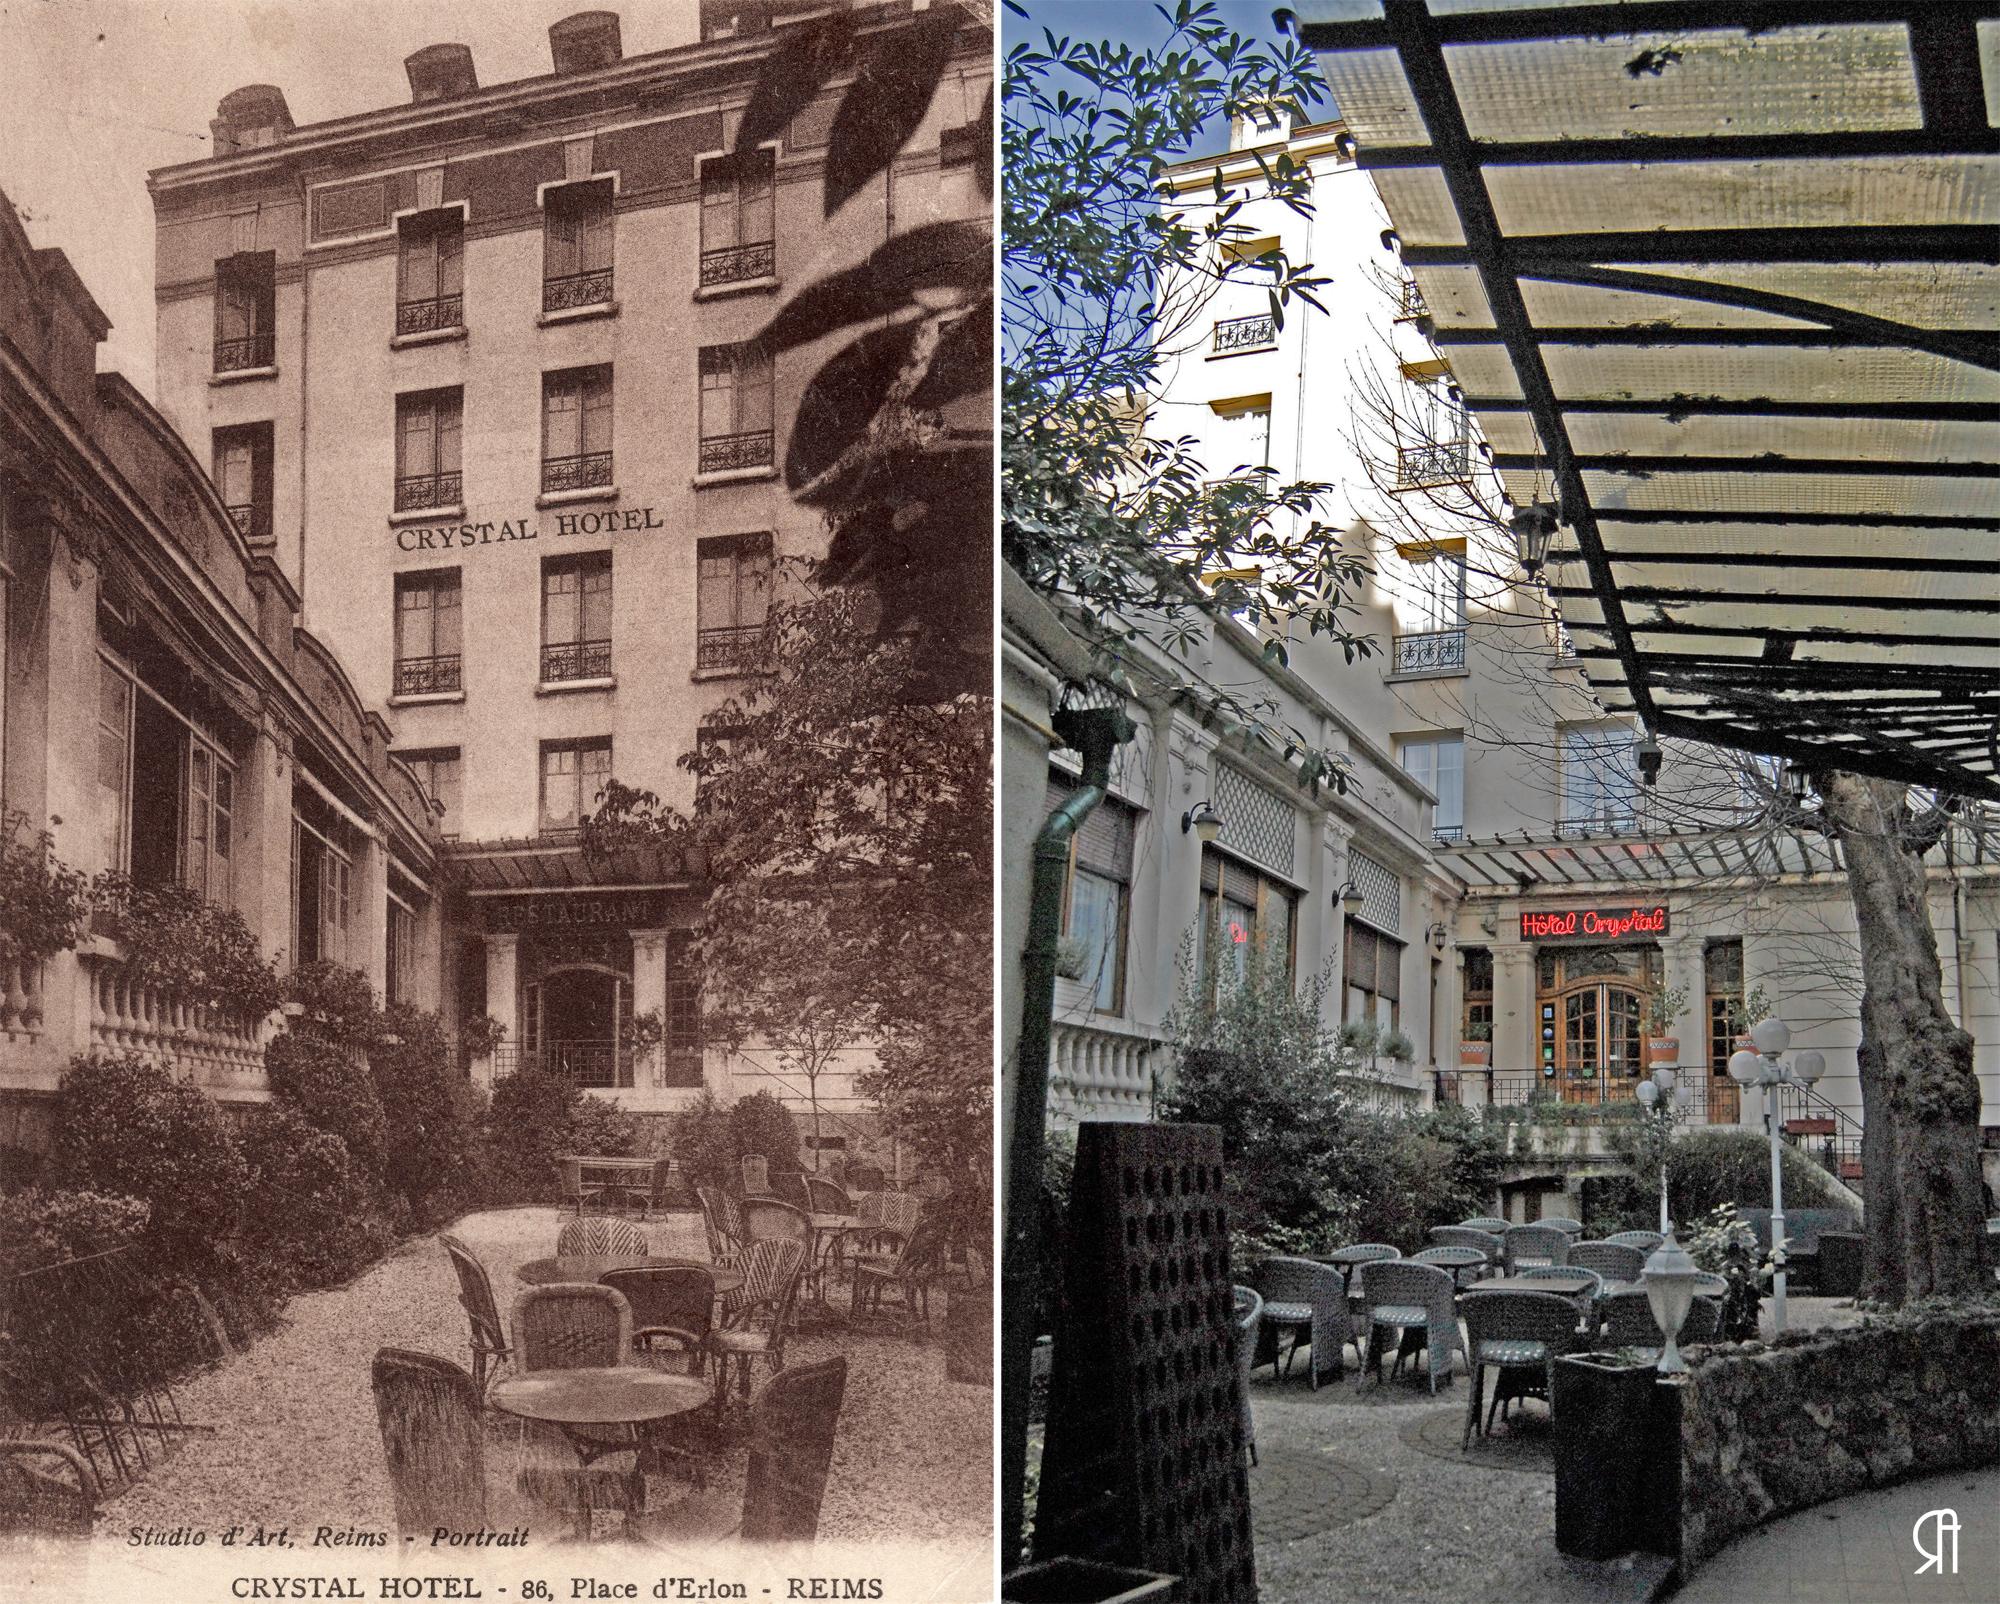 Le Crystal Hôtel, place d'Erlon, deux saisons